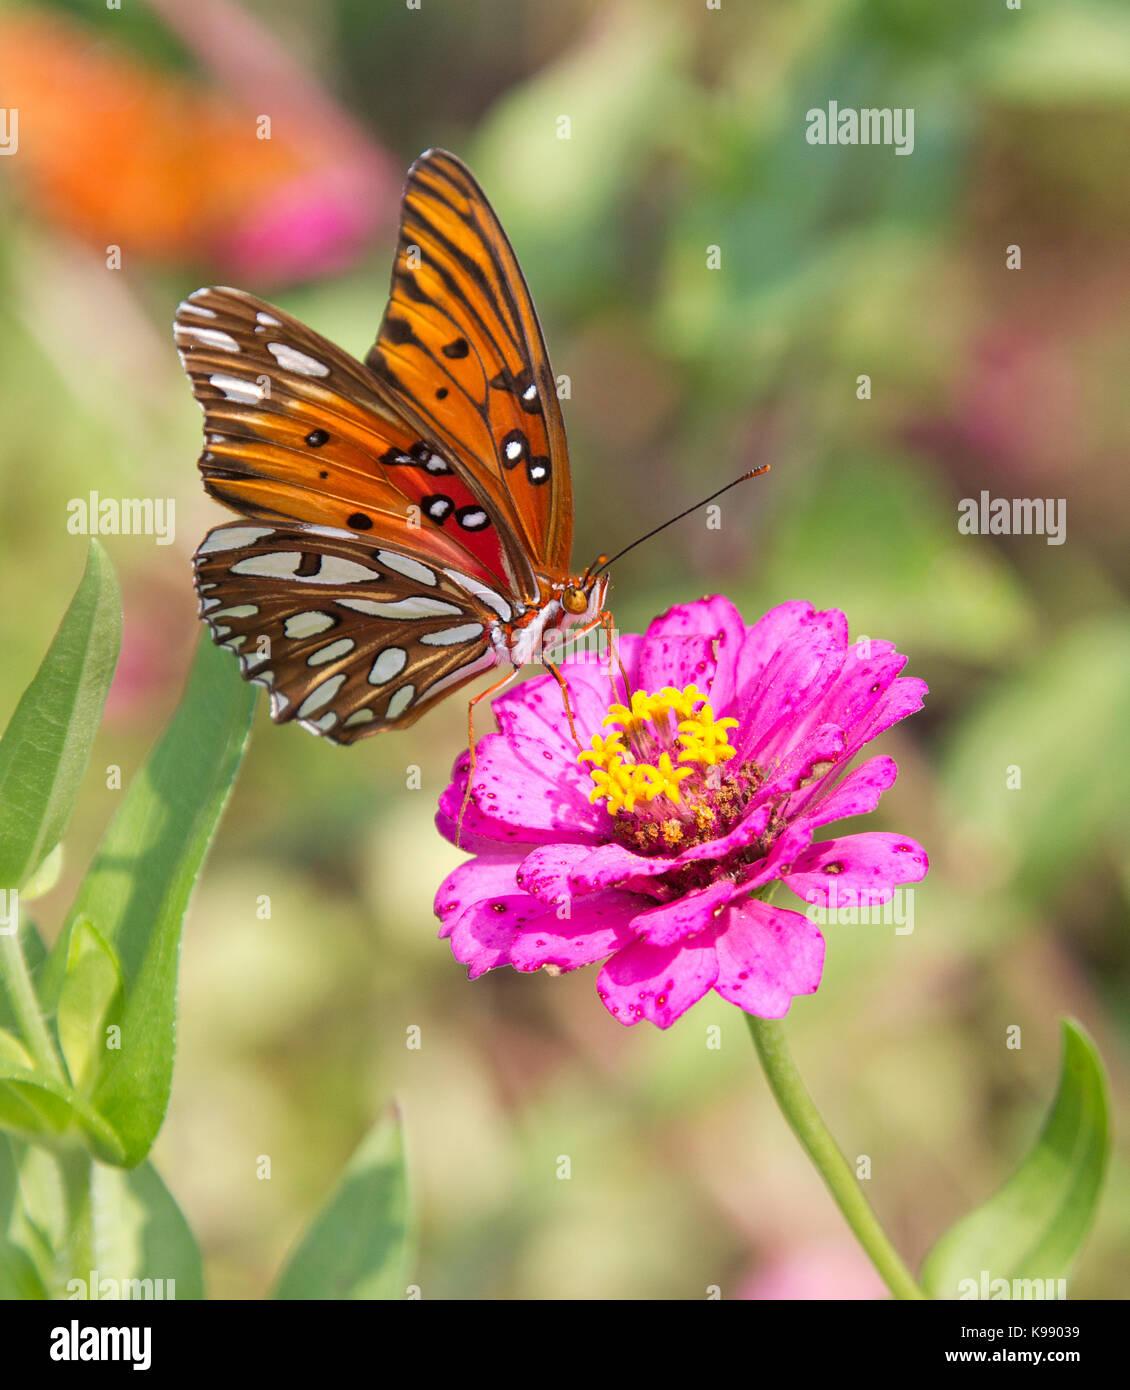 Gulf Fritillary Butterfly - Stock Image